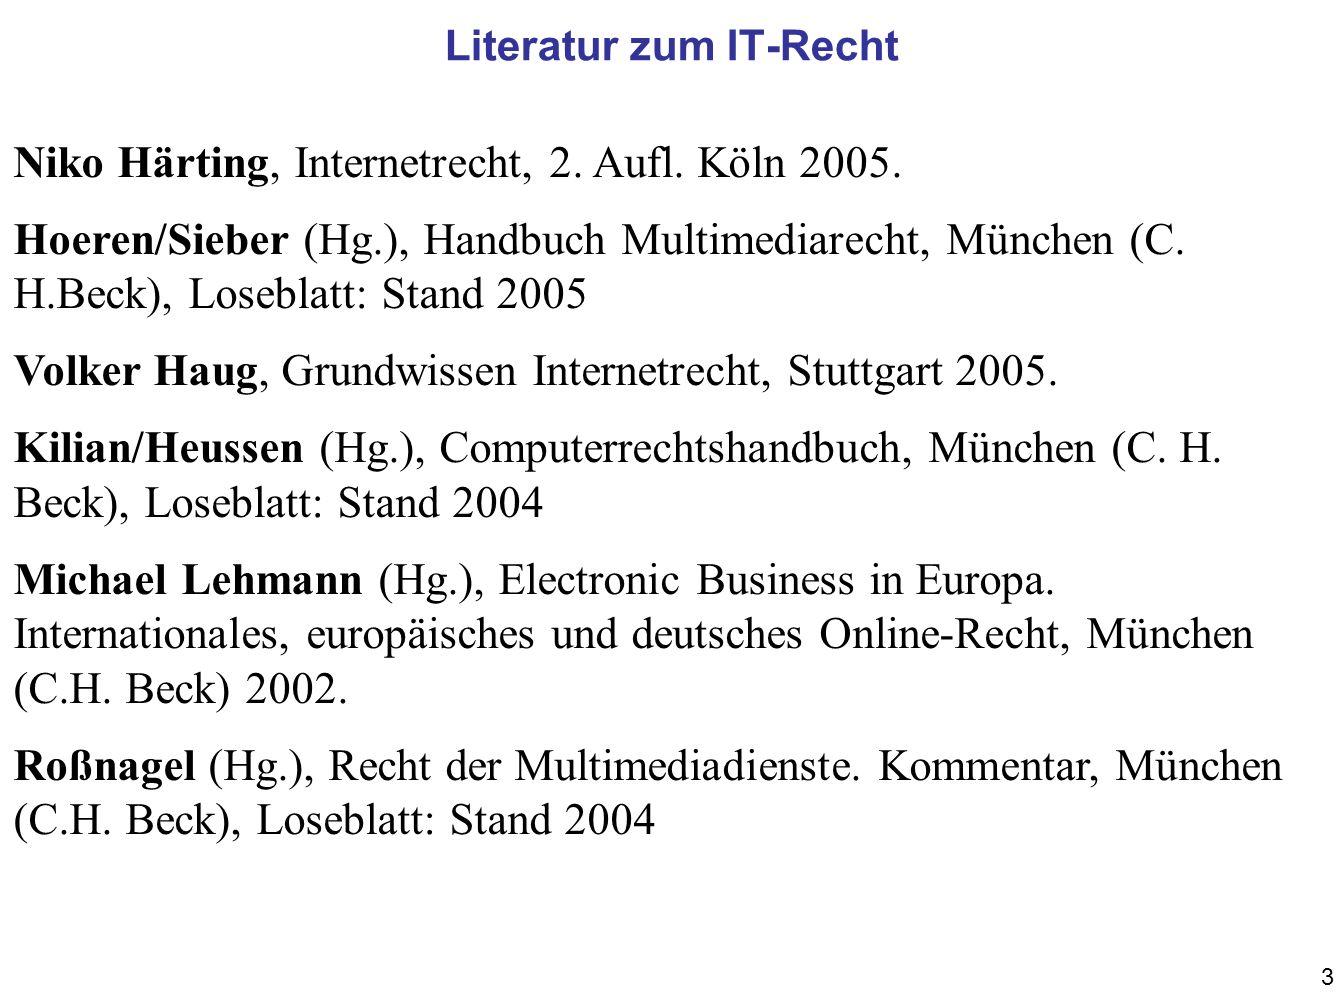 34 Heidelberger Appell Der Heidelberger Appell ist ein Aufruf an die Bundesregierung, das Urheberrecht gegen Google mit allen Mitteln durchzusetzen.